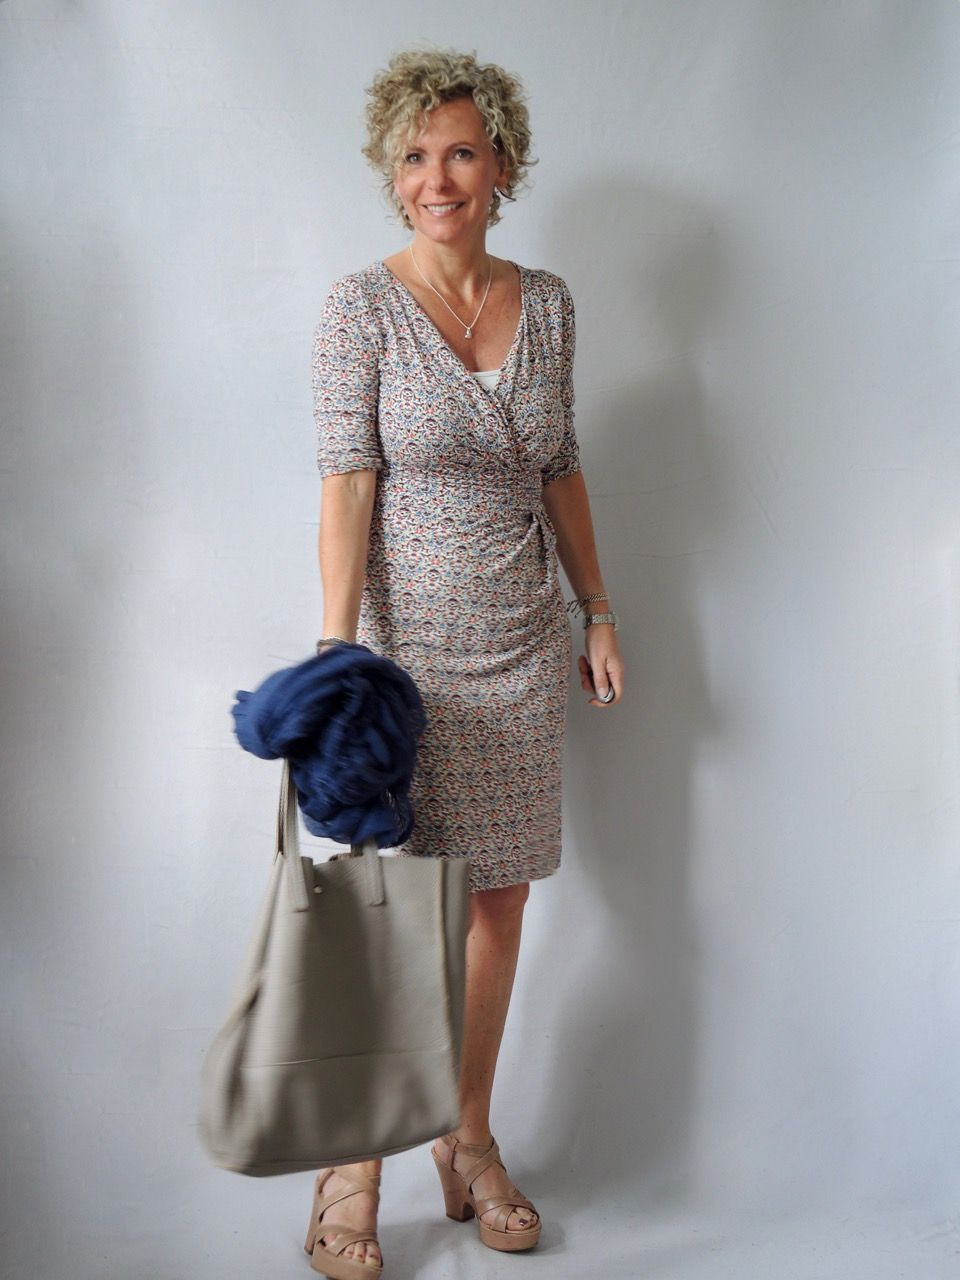 So Kleidsam Ist Das Kleid Women2style Kleider Fur Frauen Outfit Mode Outfits